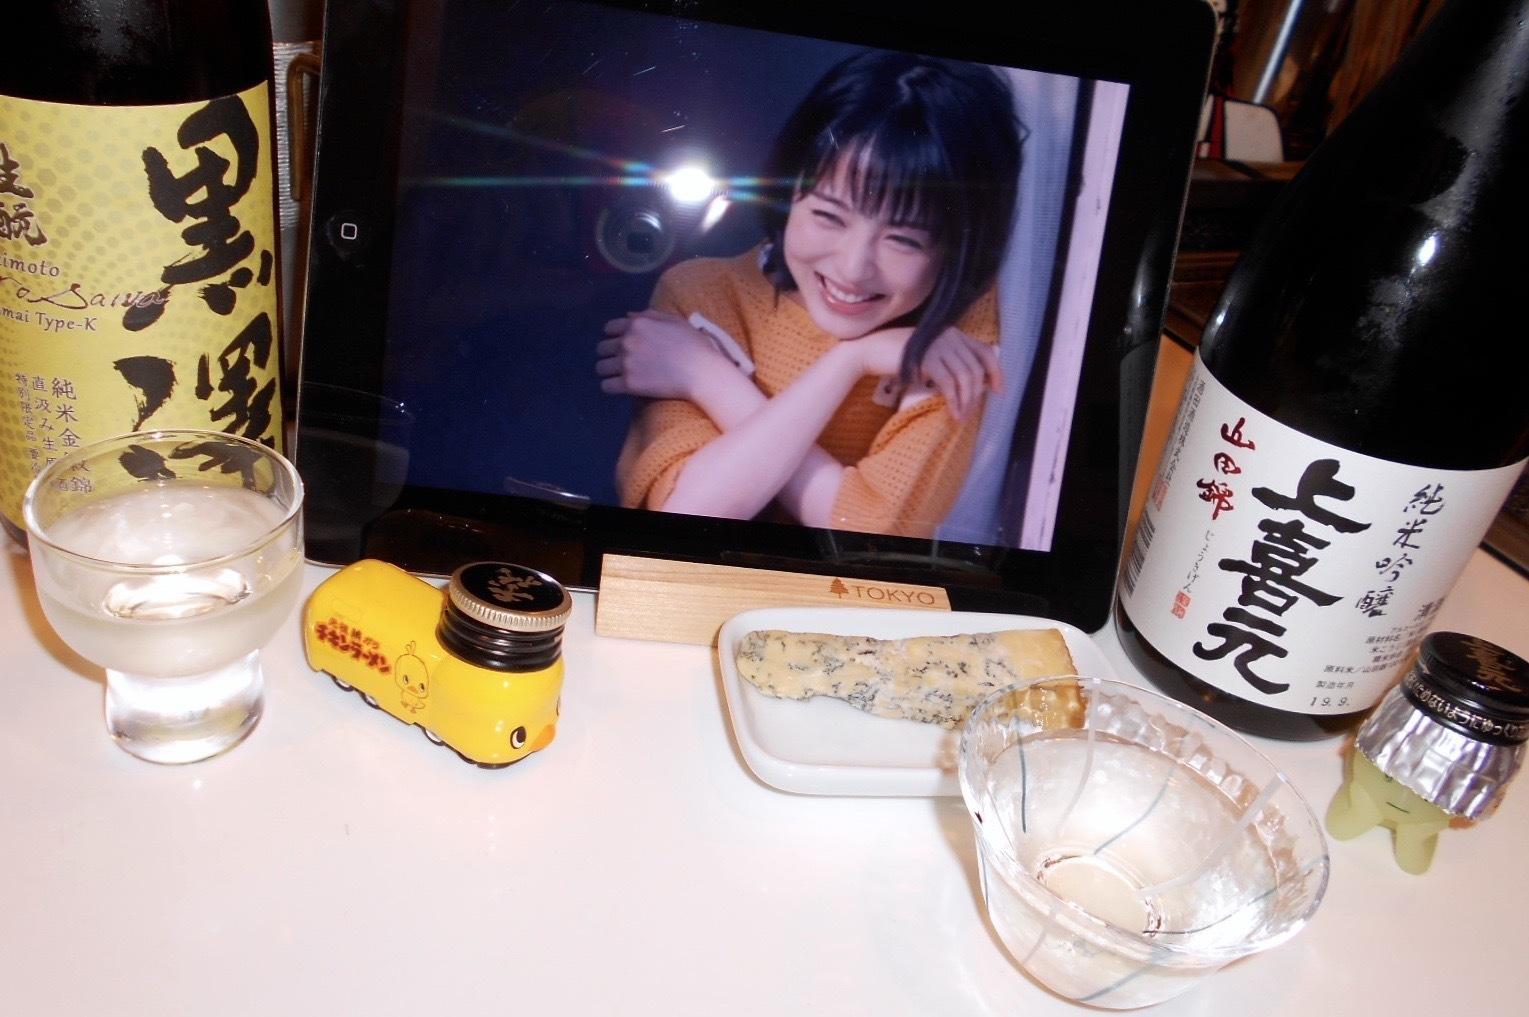 jokigen_yamada55_30by6.jpg